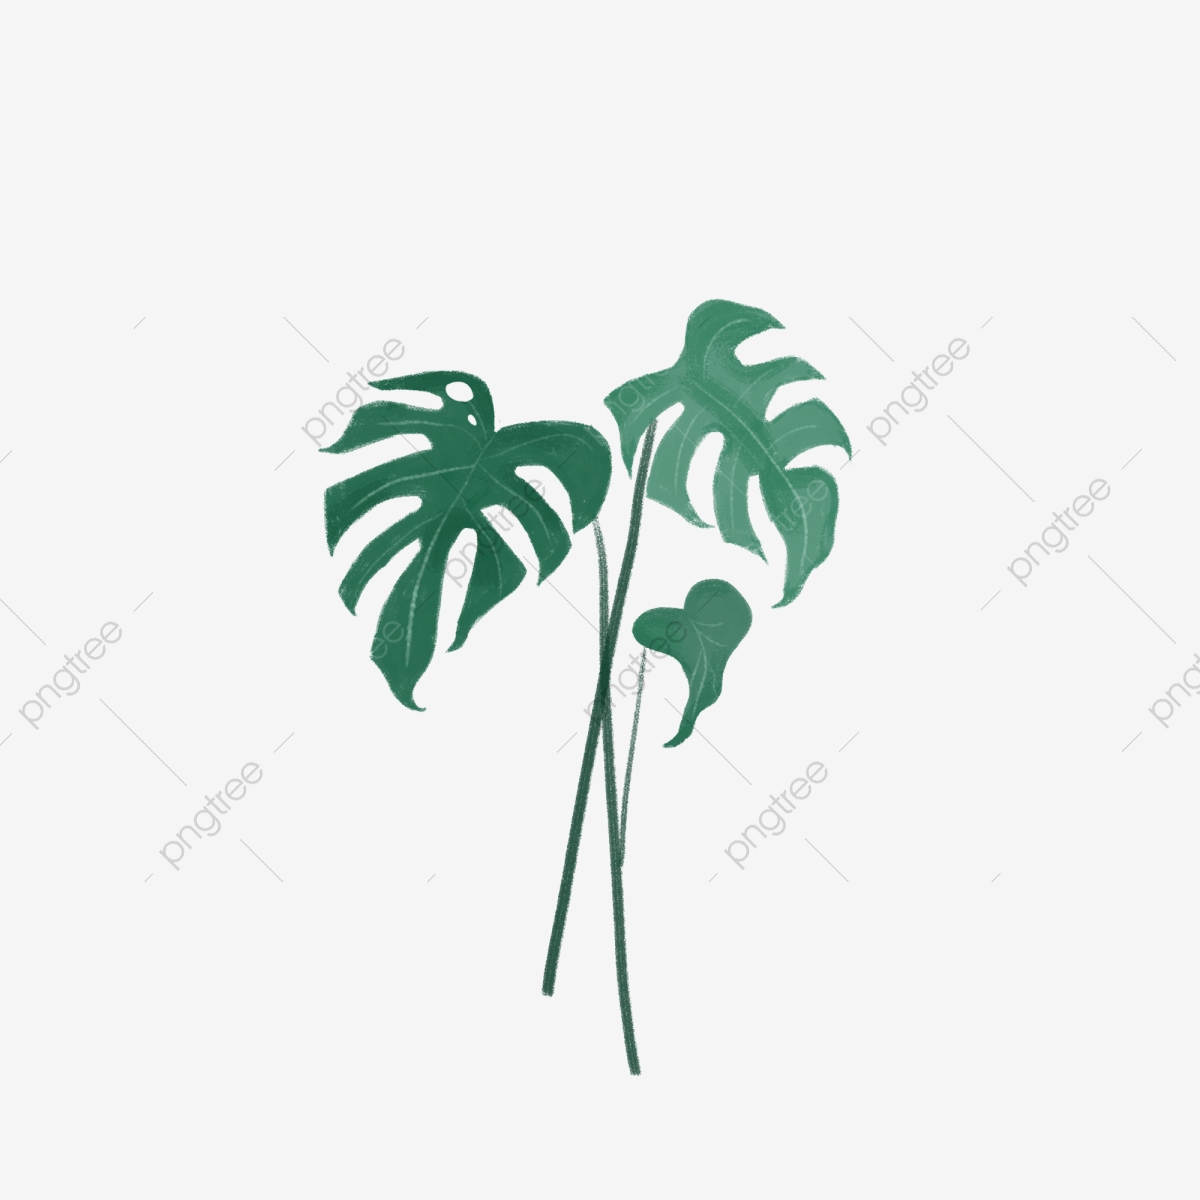 ต้นมอนสเตอร่าสีเขียวภาพประกอบมือวาดฉากในร่ม, เครื่องประดับ, โปสเตอร์,  รายการเล็ก ๆภาพ PNG และ PSD สำหรับดาวน์โหลดฟรี